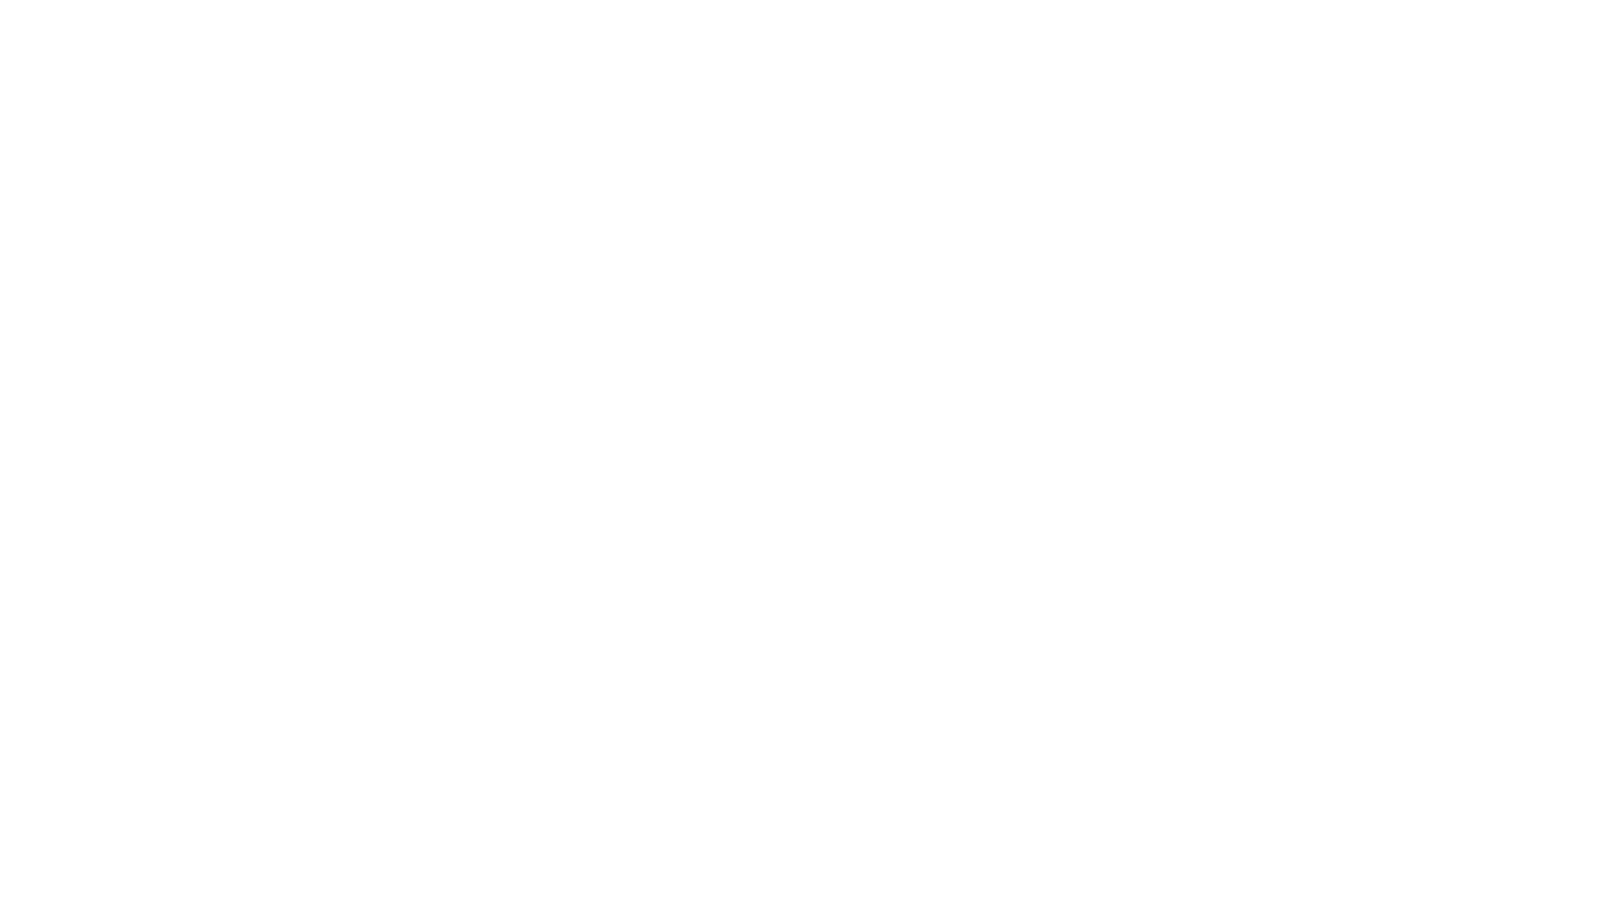 Envasado retráctil de medias piñas en línea automática compuesta por una embolsadora BLSB 65 y un túnel CTVDCA. Esta línea de fácil ajuste realiza todo el proceso de forma automática y requiere tan solo la introducción del producto, de forma manual o automáticamente con una banda motorizada. El proceso de envoltura y retracción es totalmente automático entregando un paquete perfectamente retractilado con efecto segunda piel.